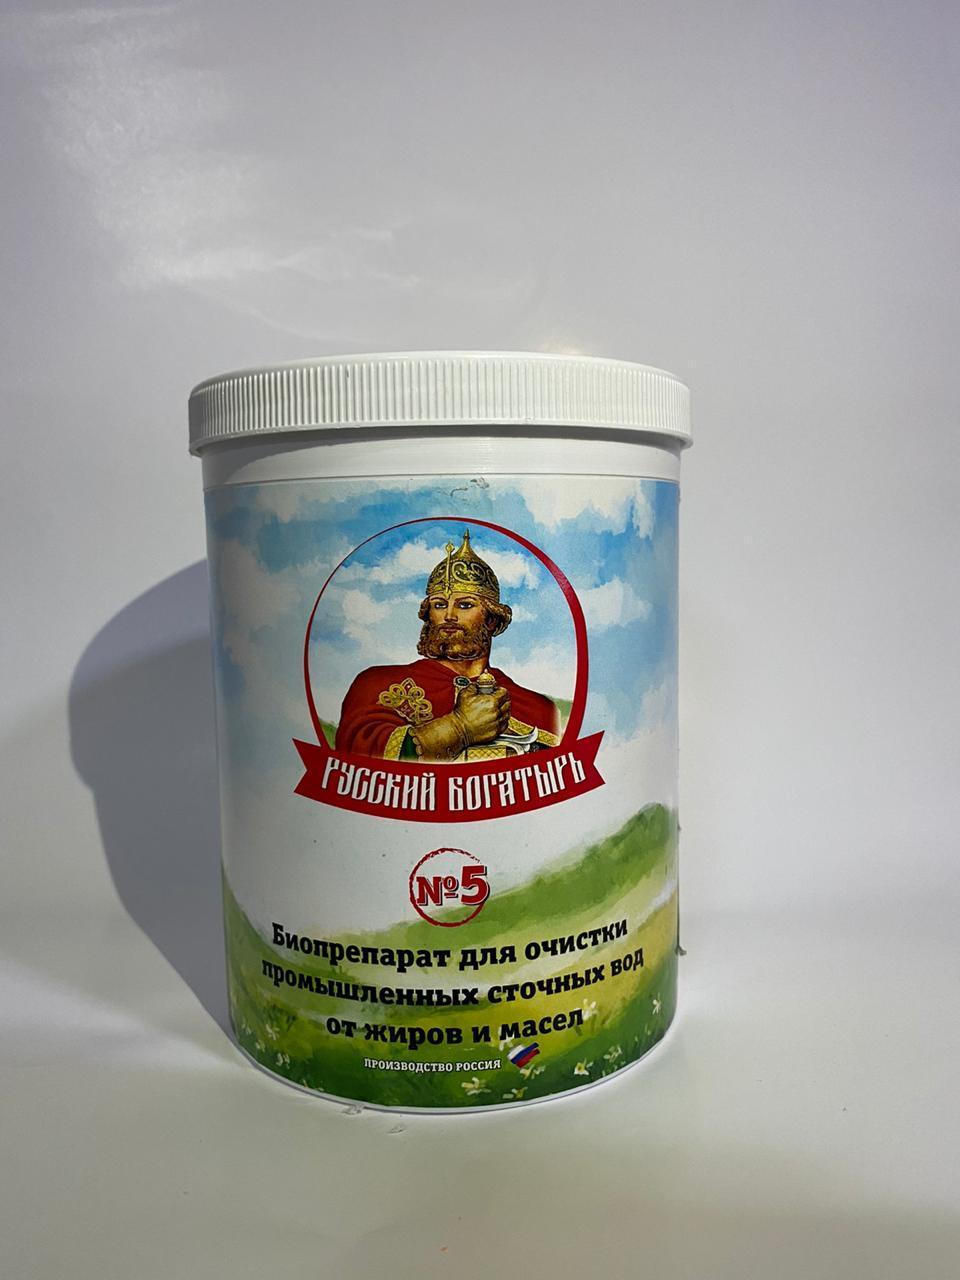 Биоактиватор для разложения жиров, масел, органики в сточных водах Русский богатырь №5 5 кг